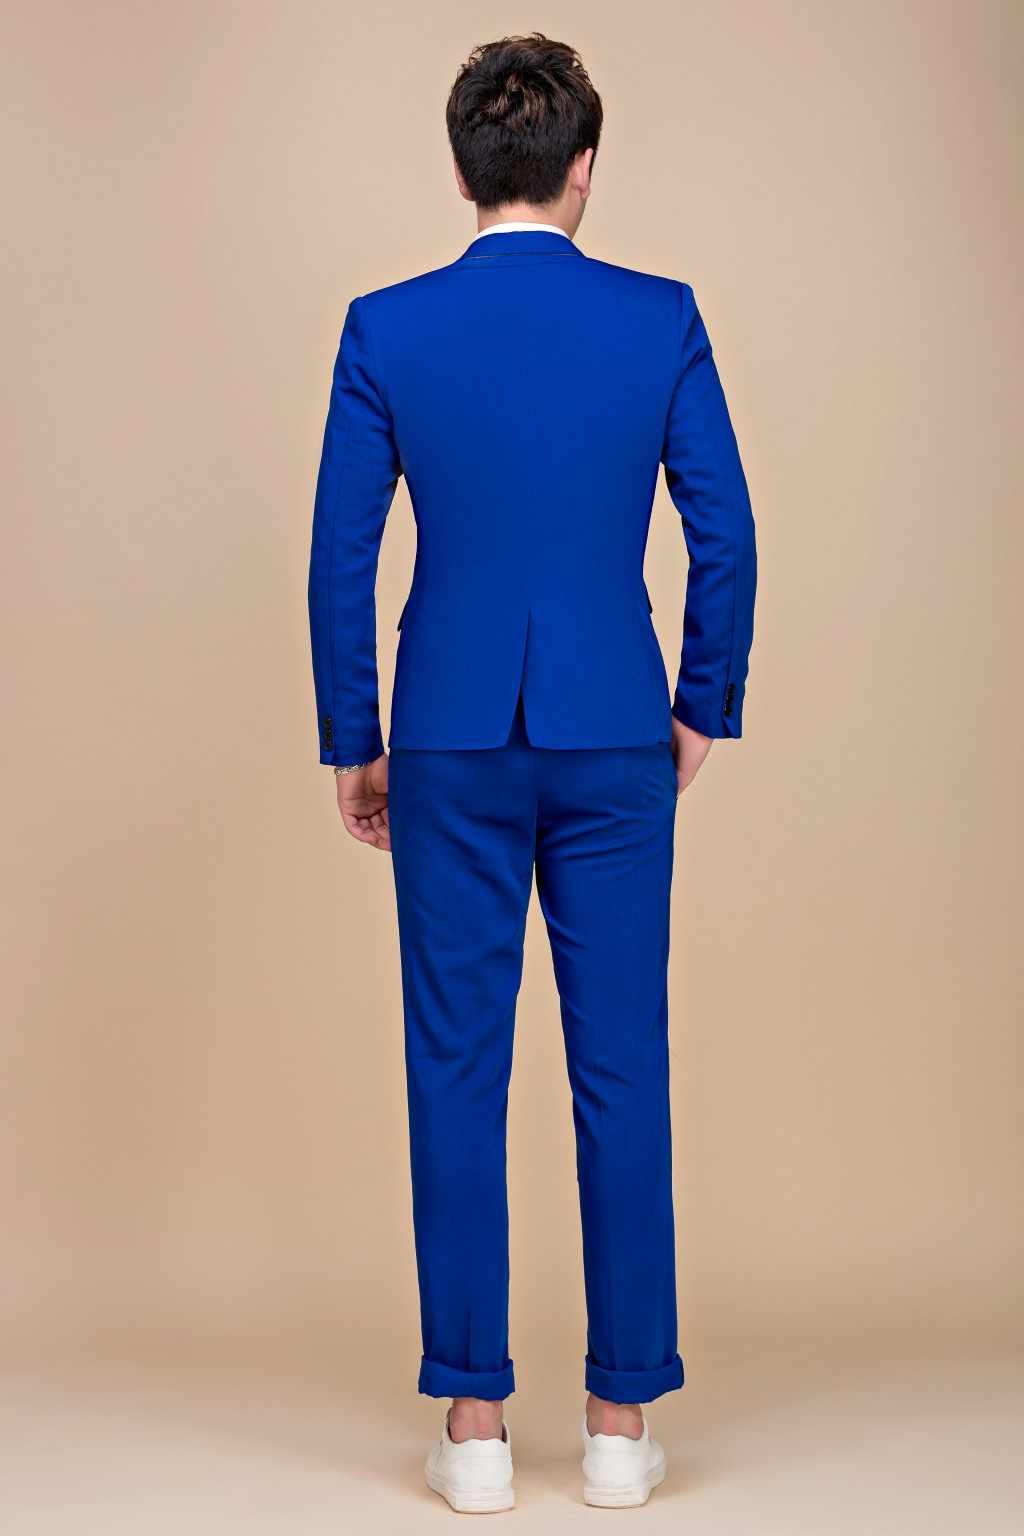 Tide мужские красочные модные свадебные костюмы плюс размер 5XL желтый розовый зеленый синий пурпурный костюмы пиджак и брюки смокинги